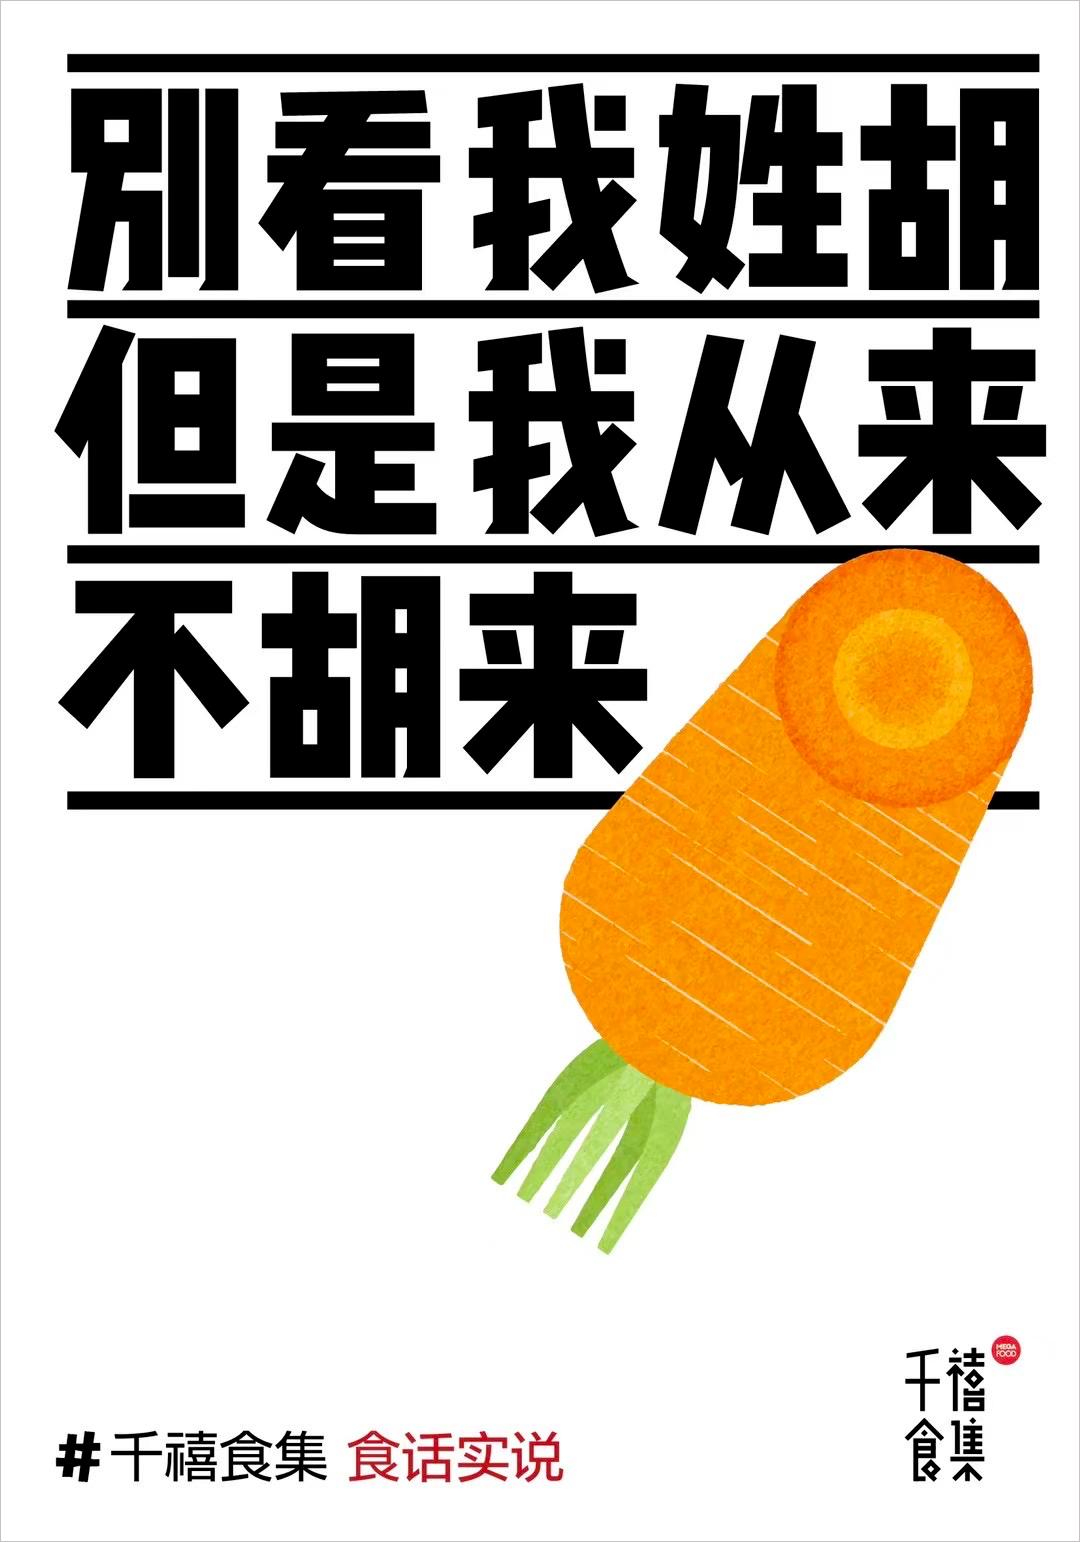 超可爱的美食文案,12组插图6